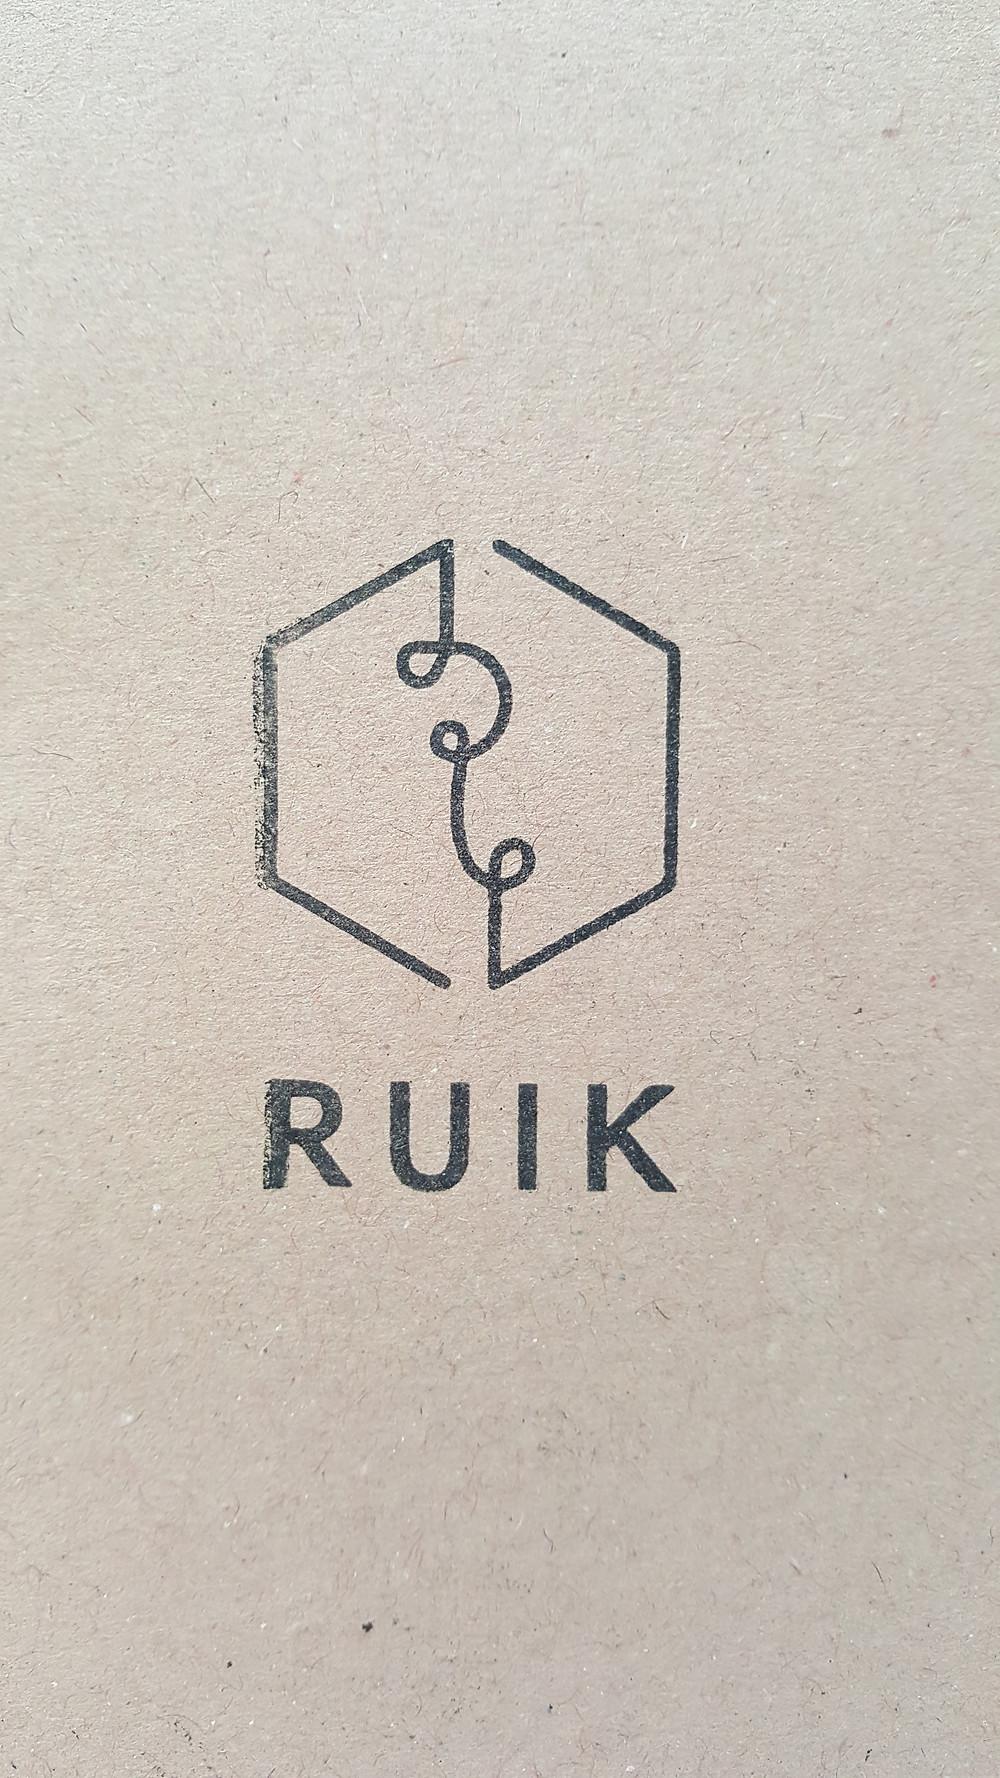 RUIK - zerowaste